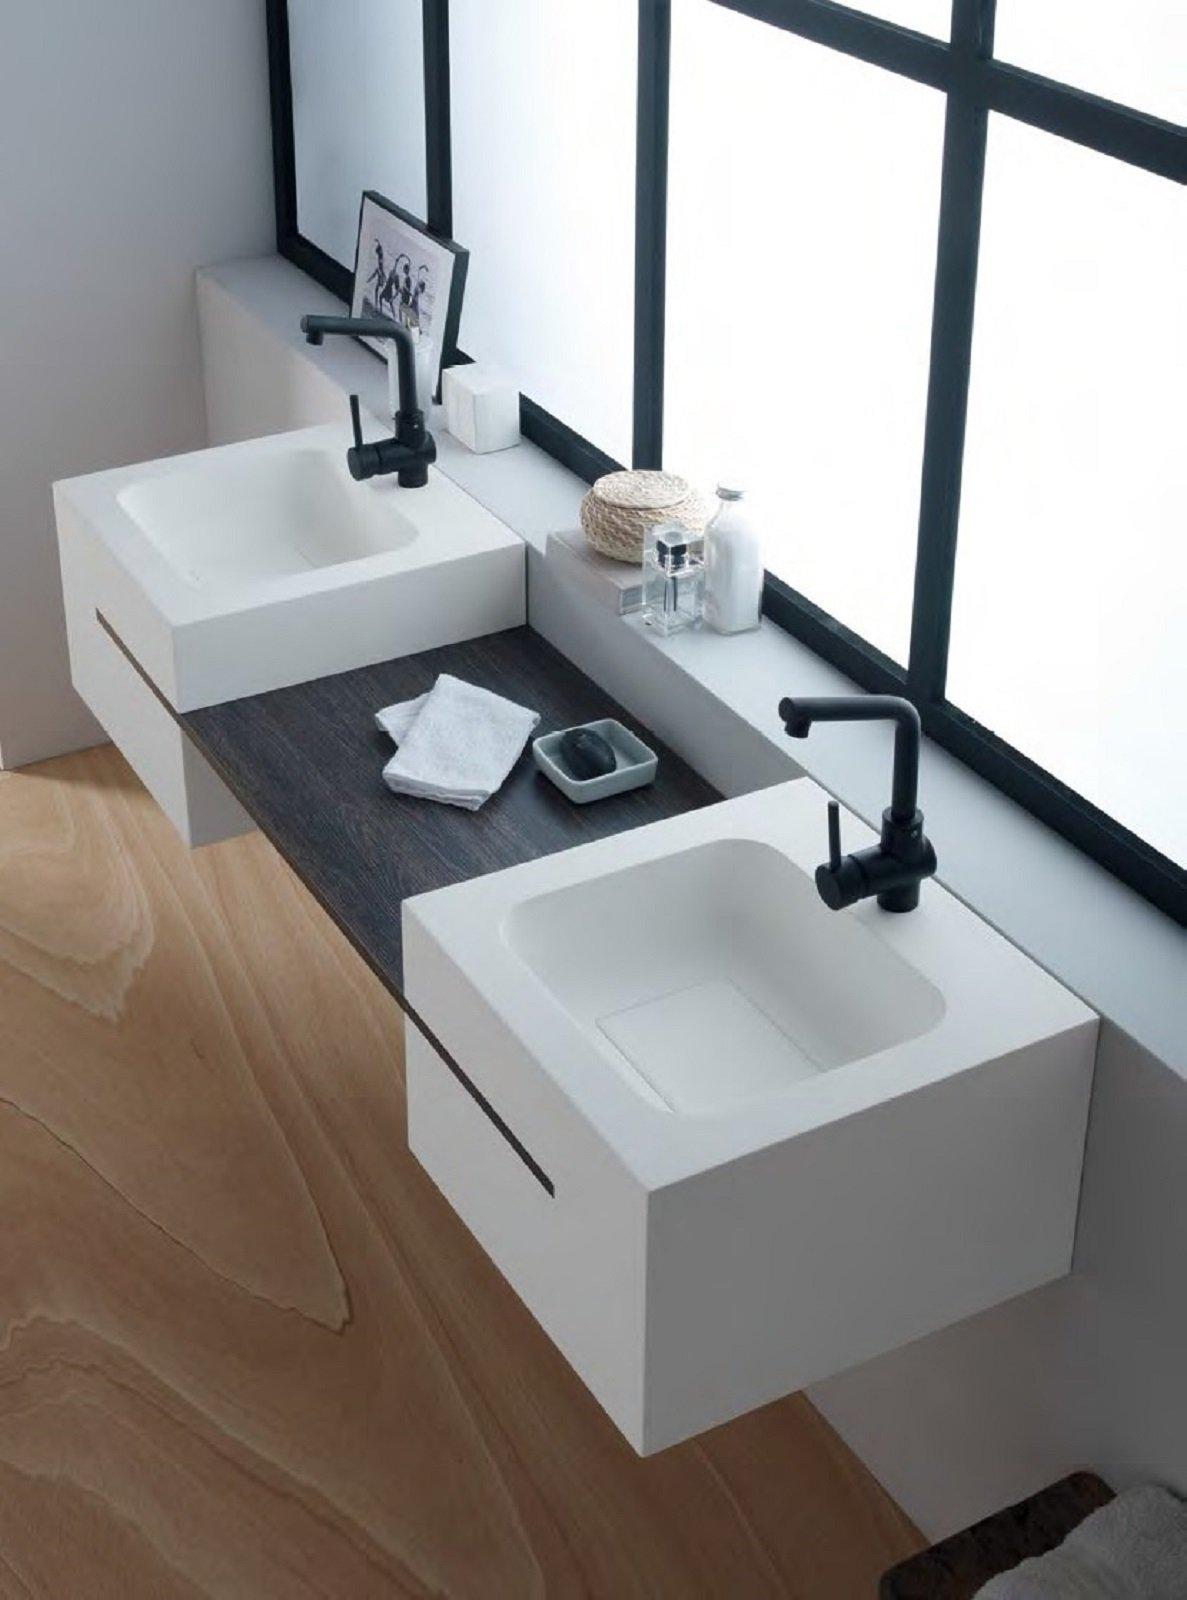 Mensole e piani d 39 appoggio per il lavabo cose di casa for Piccoli piani di costruzione della casa